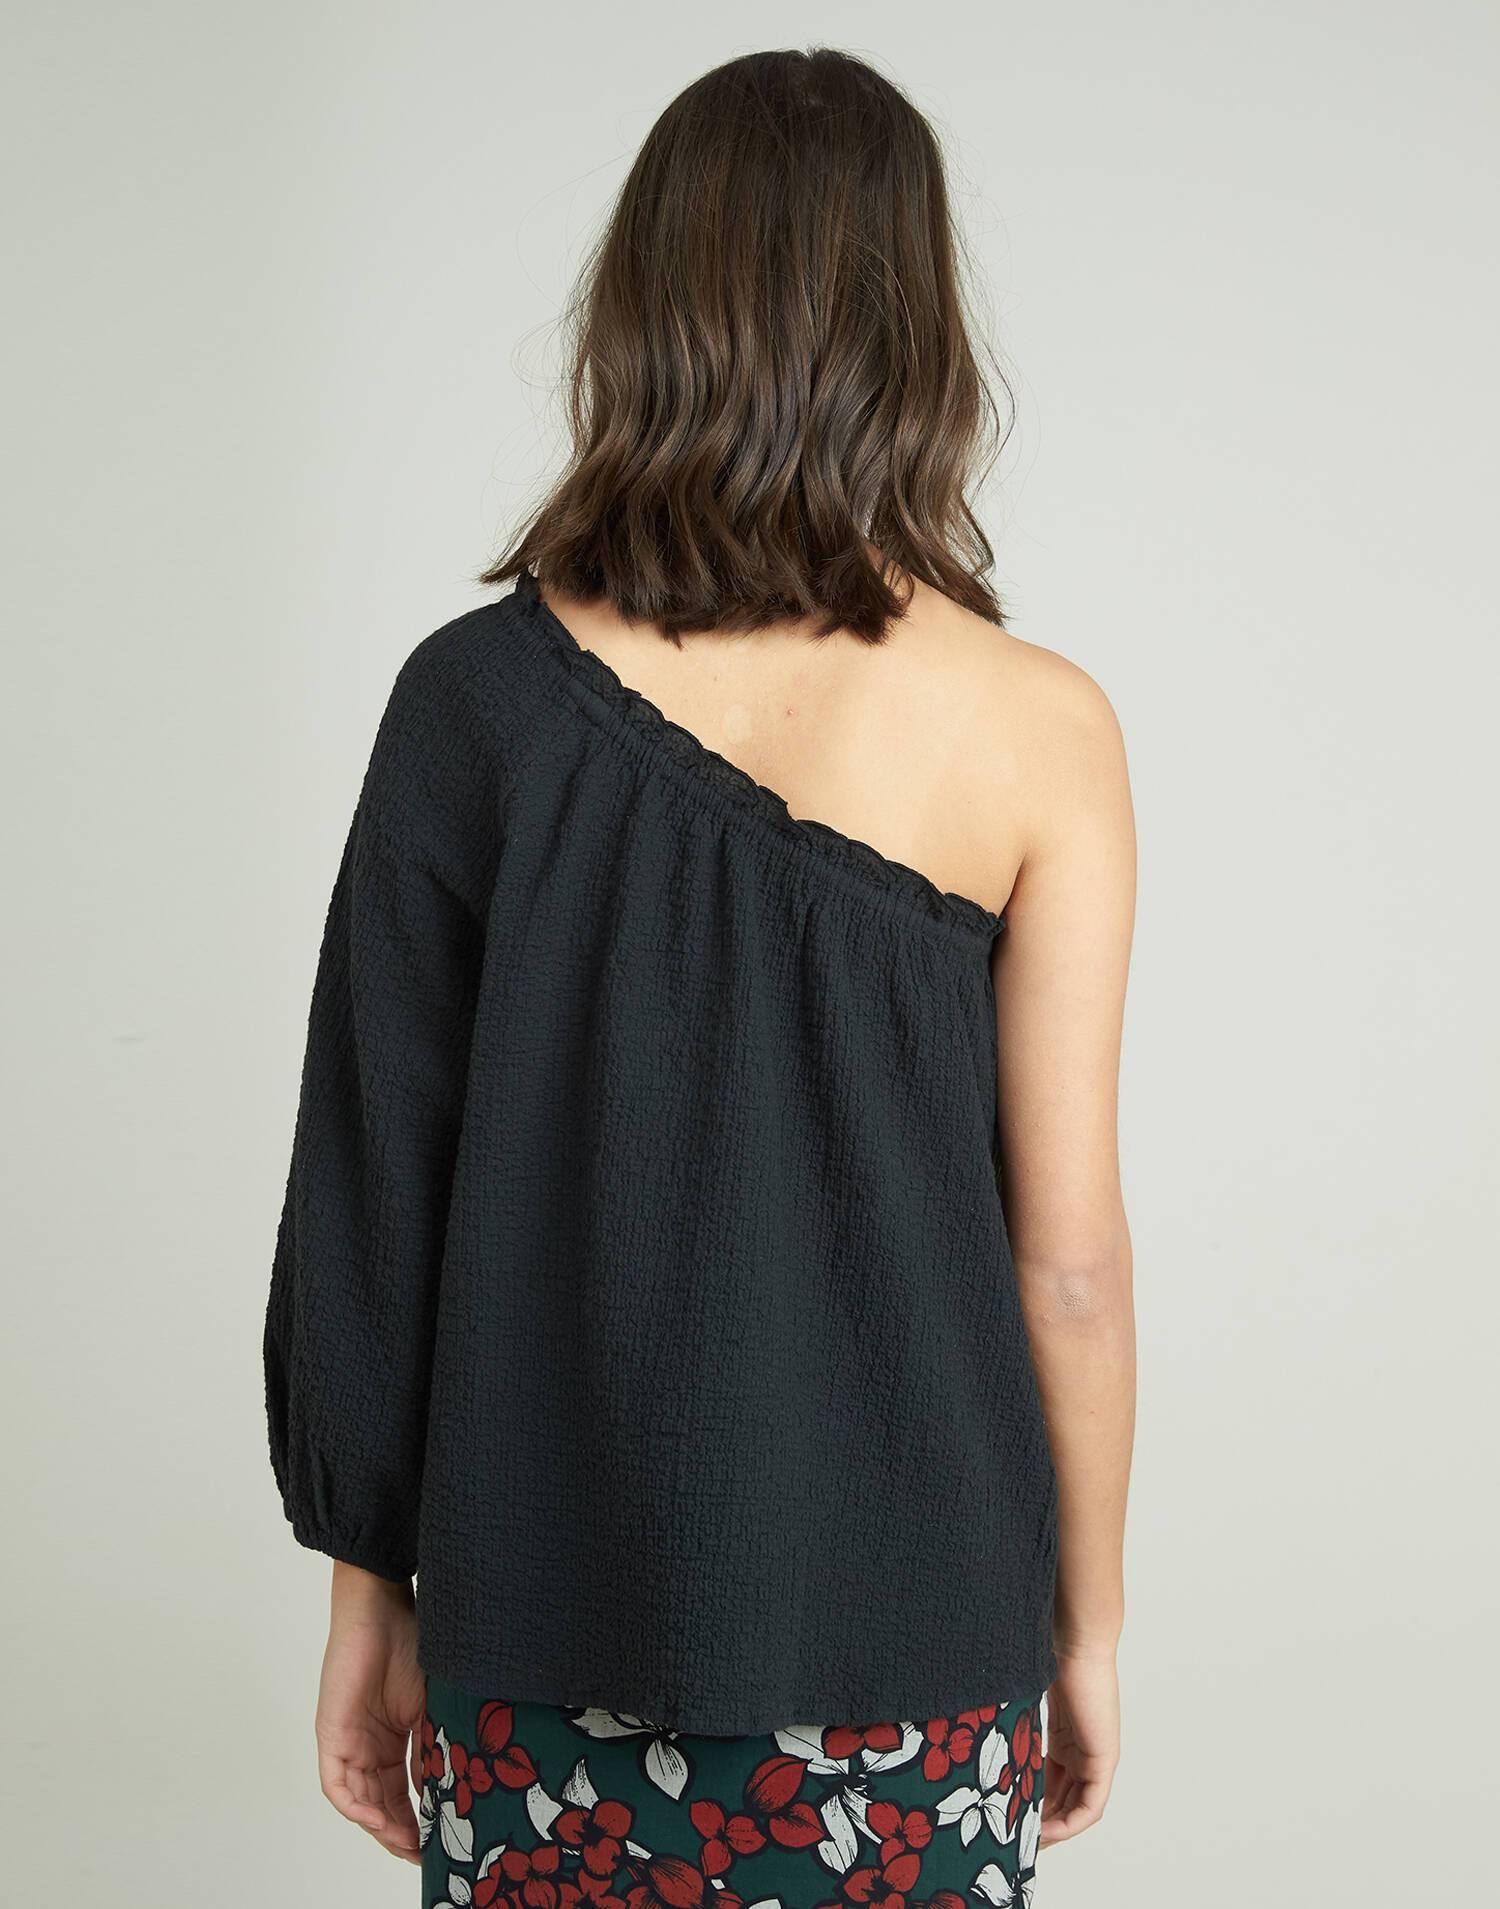 Camisa 1 hombro tejido arrugado